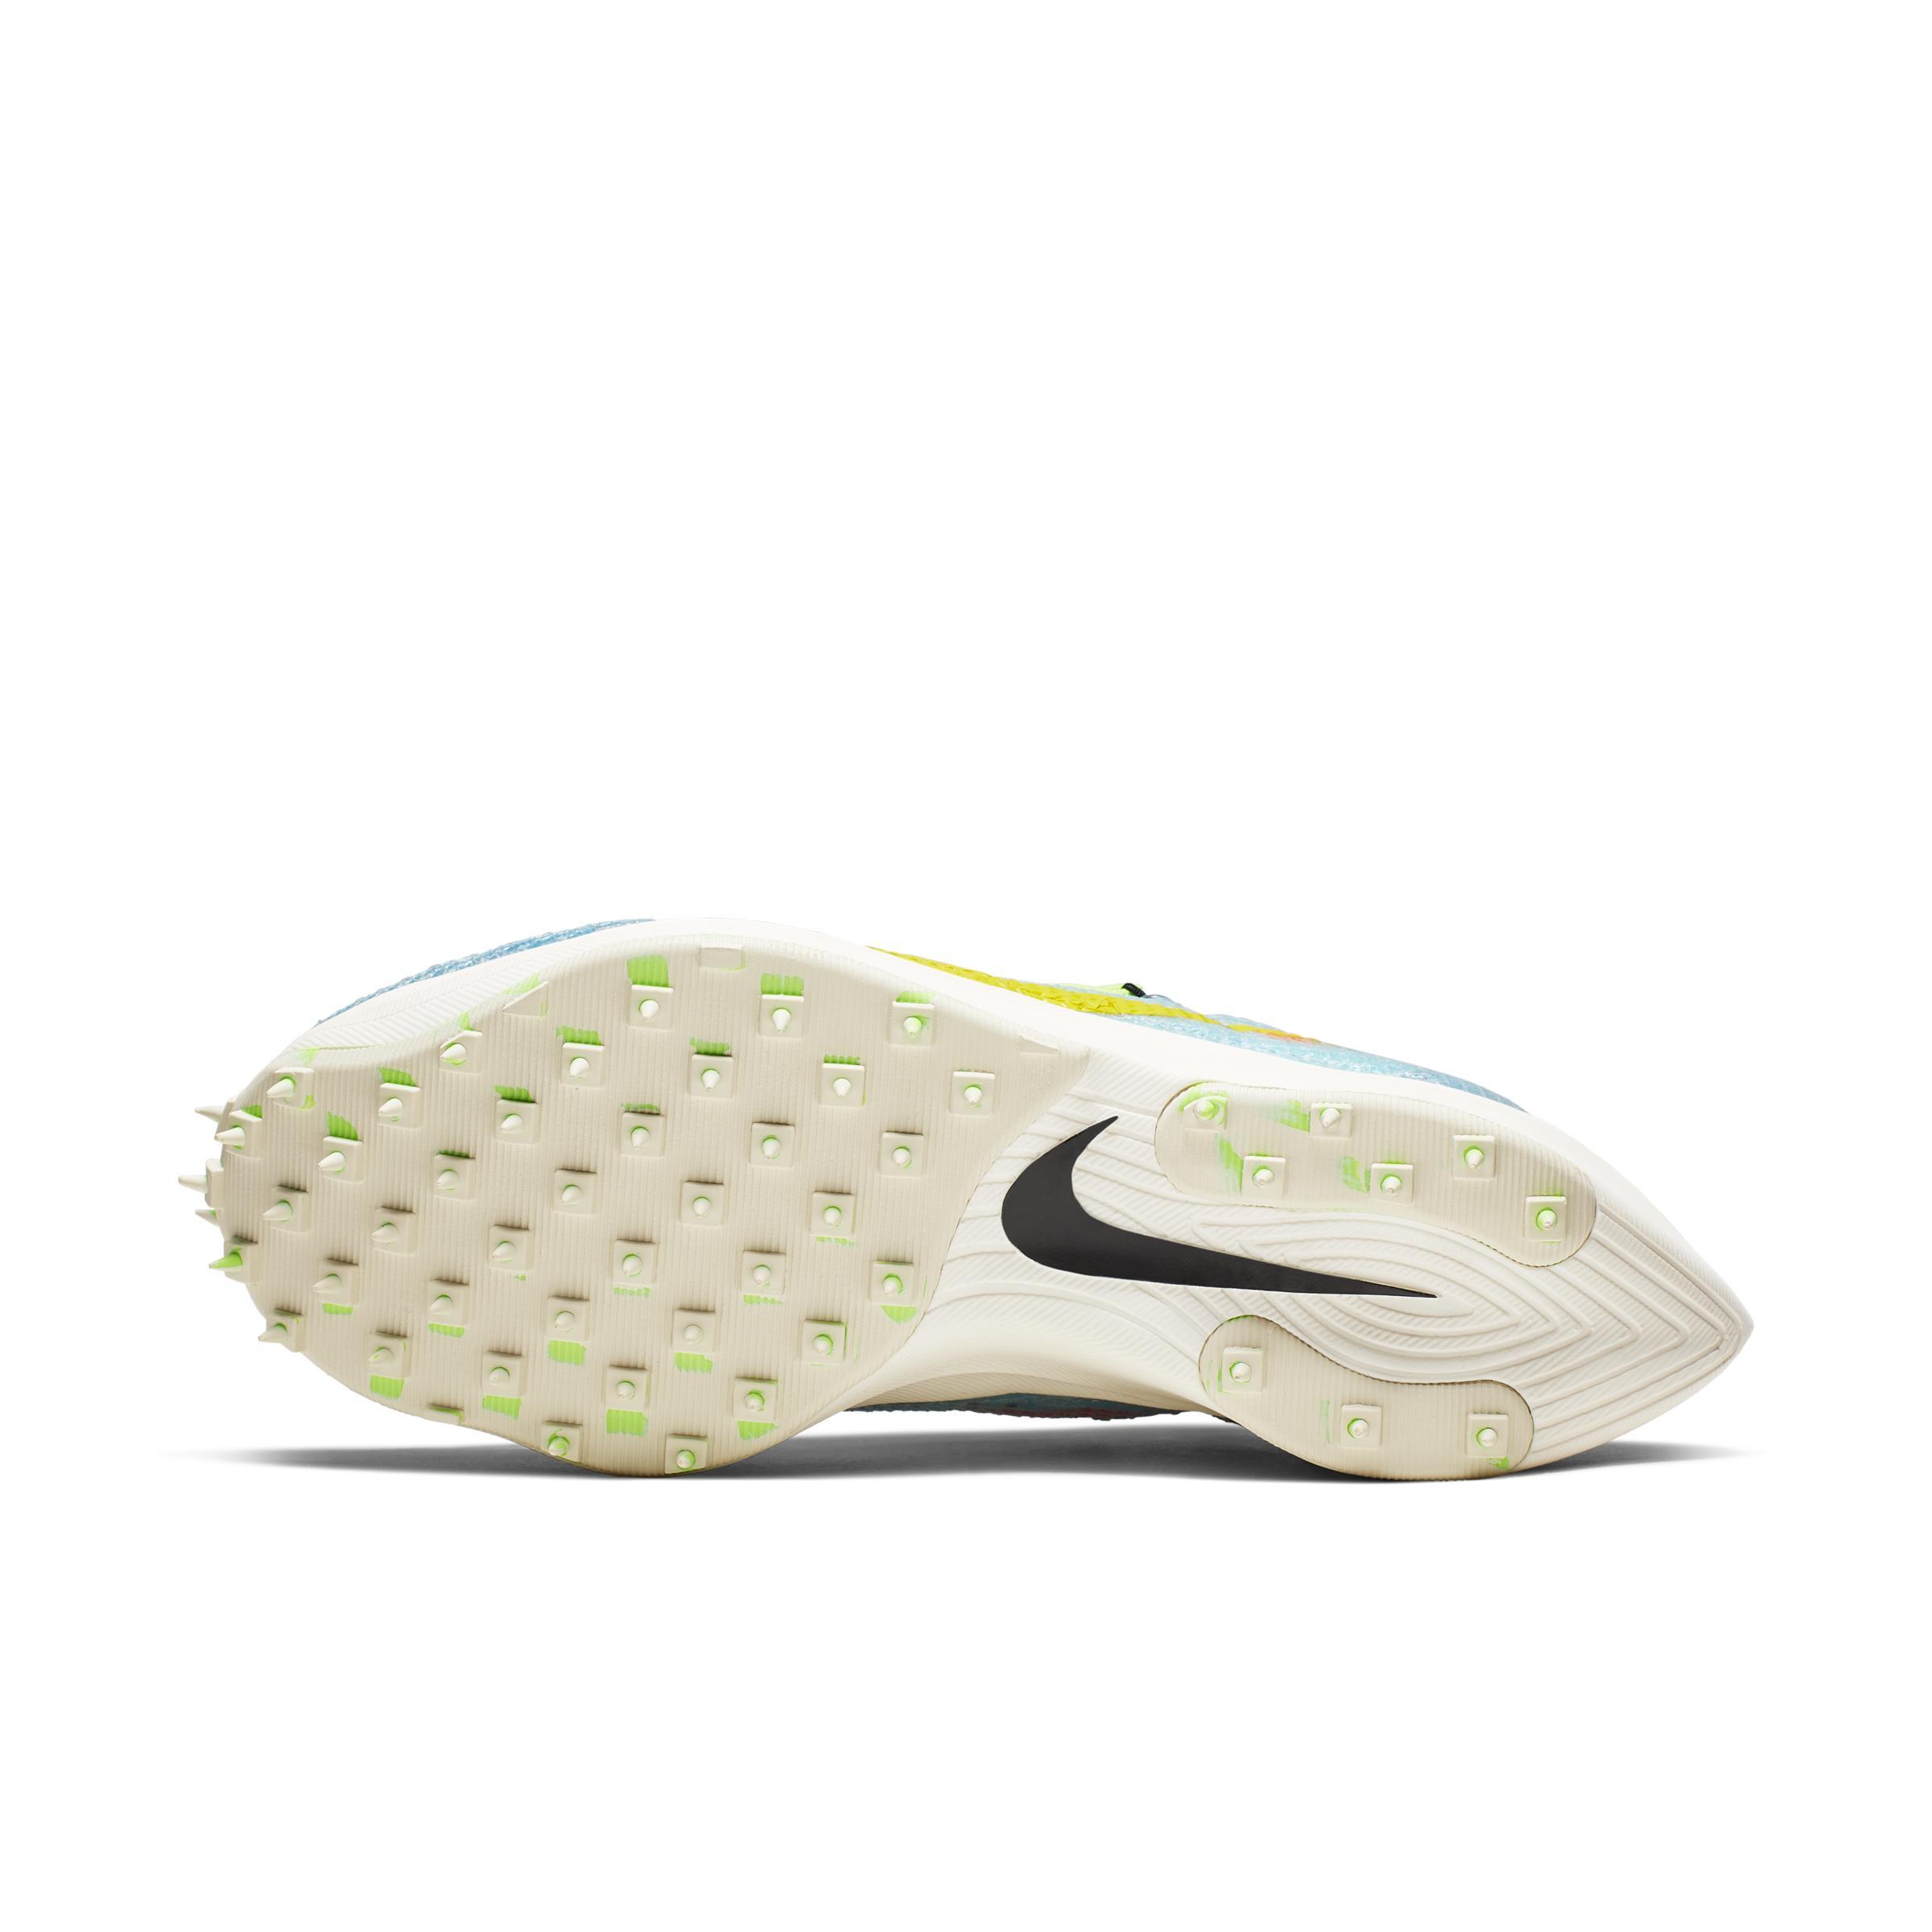 X Off-WhiteTM Vapor Street Zapatillas Nike de color Azul